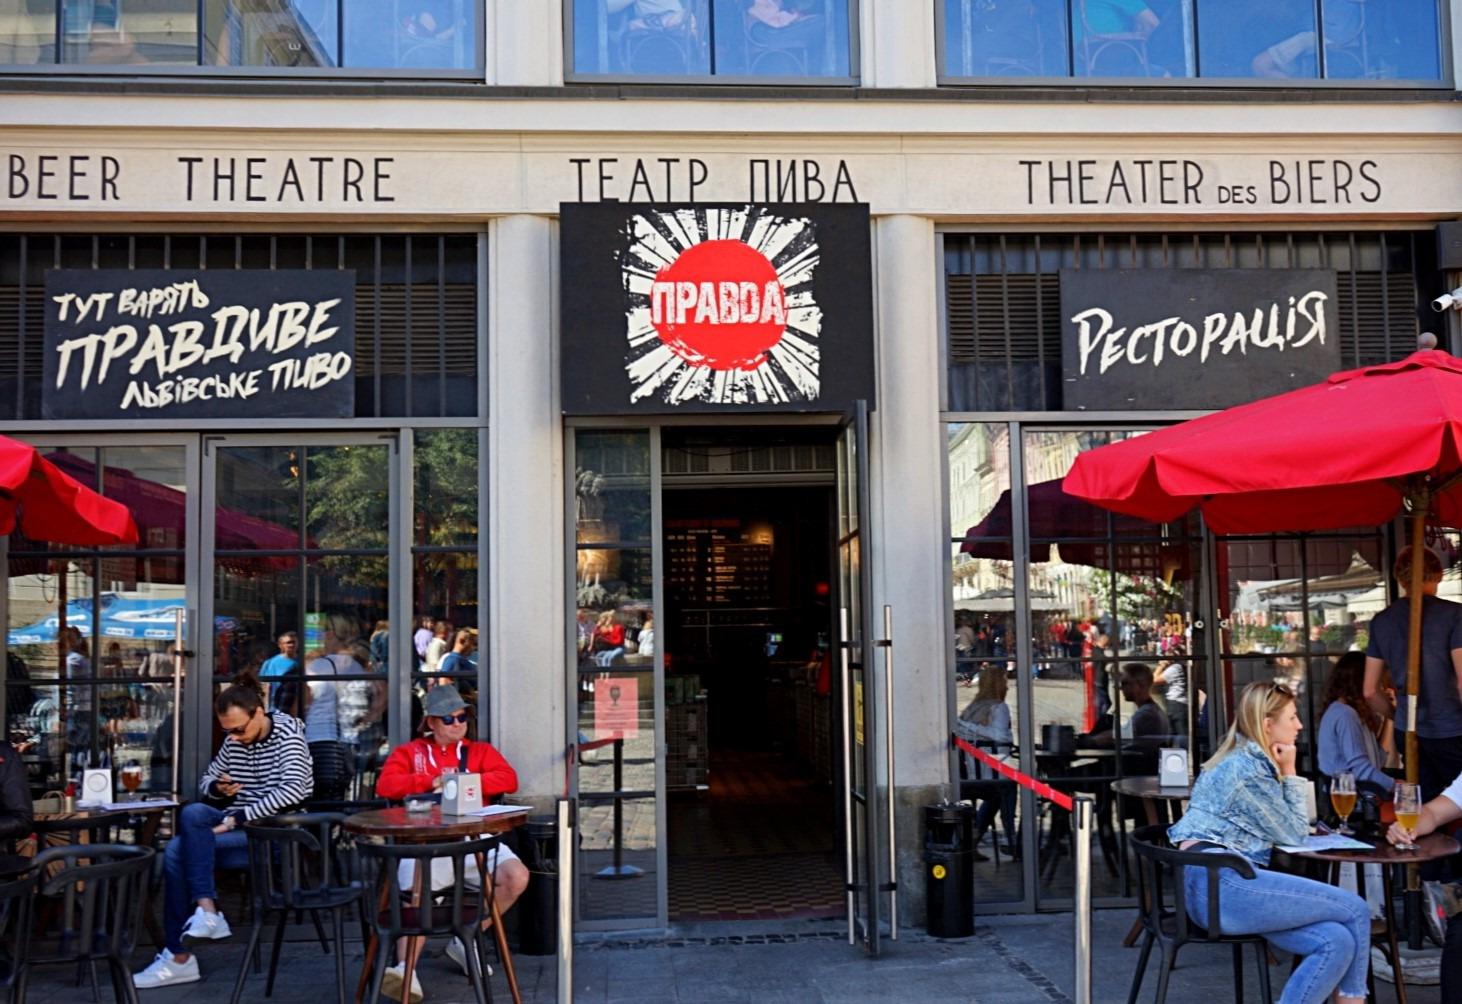 Pravda Beer Theater